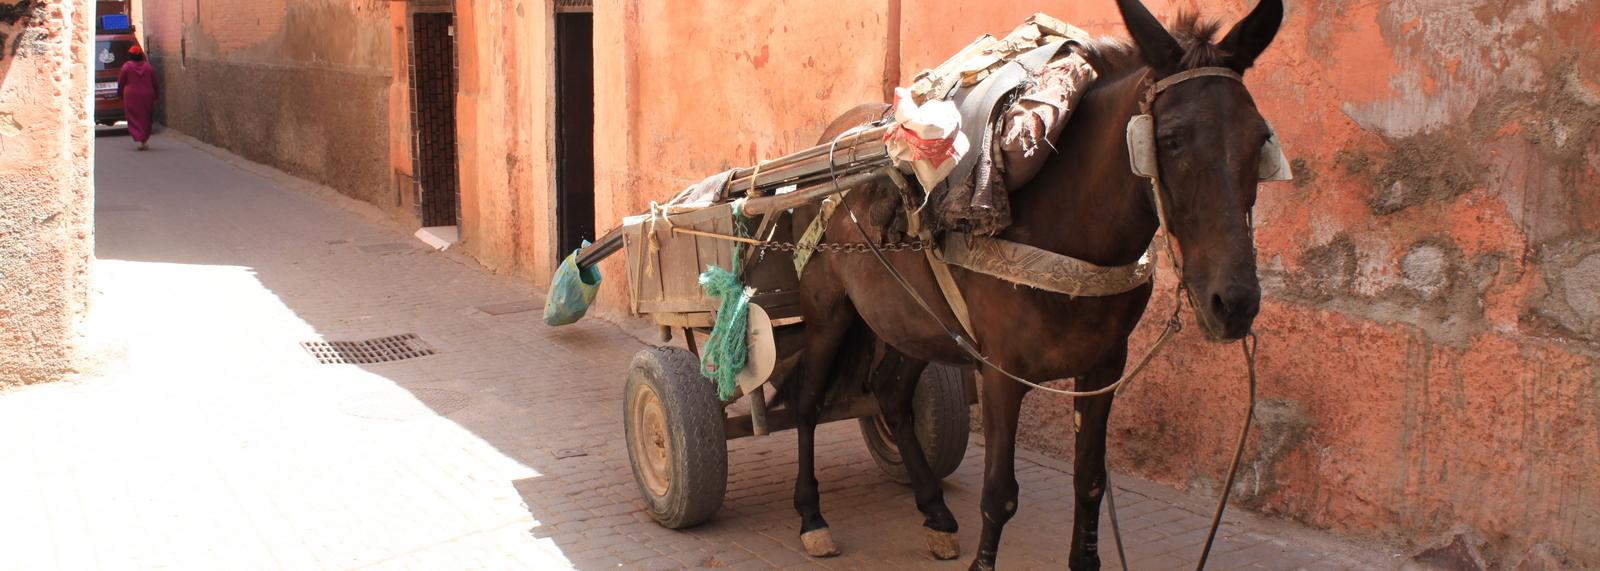 Donkey in the street, Marrakech